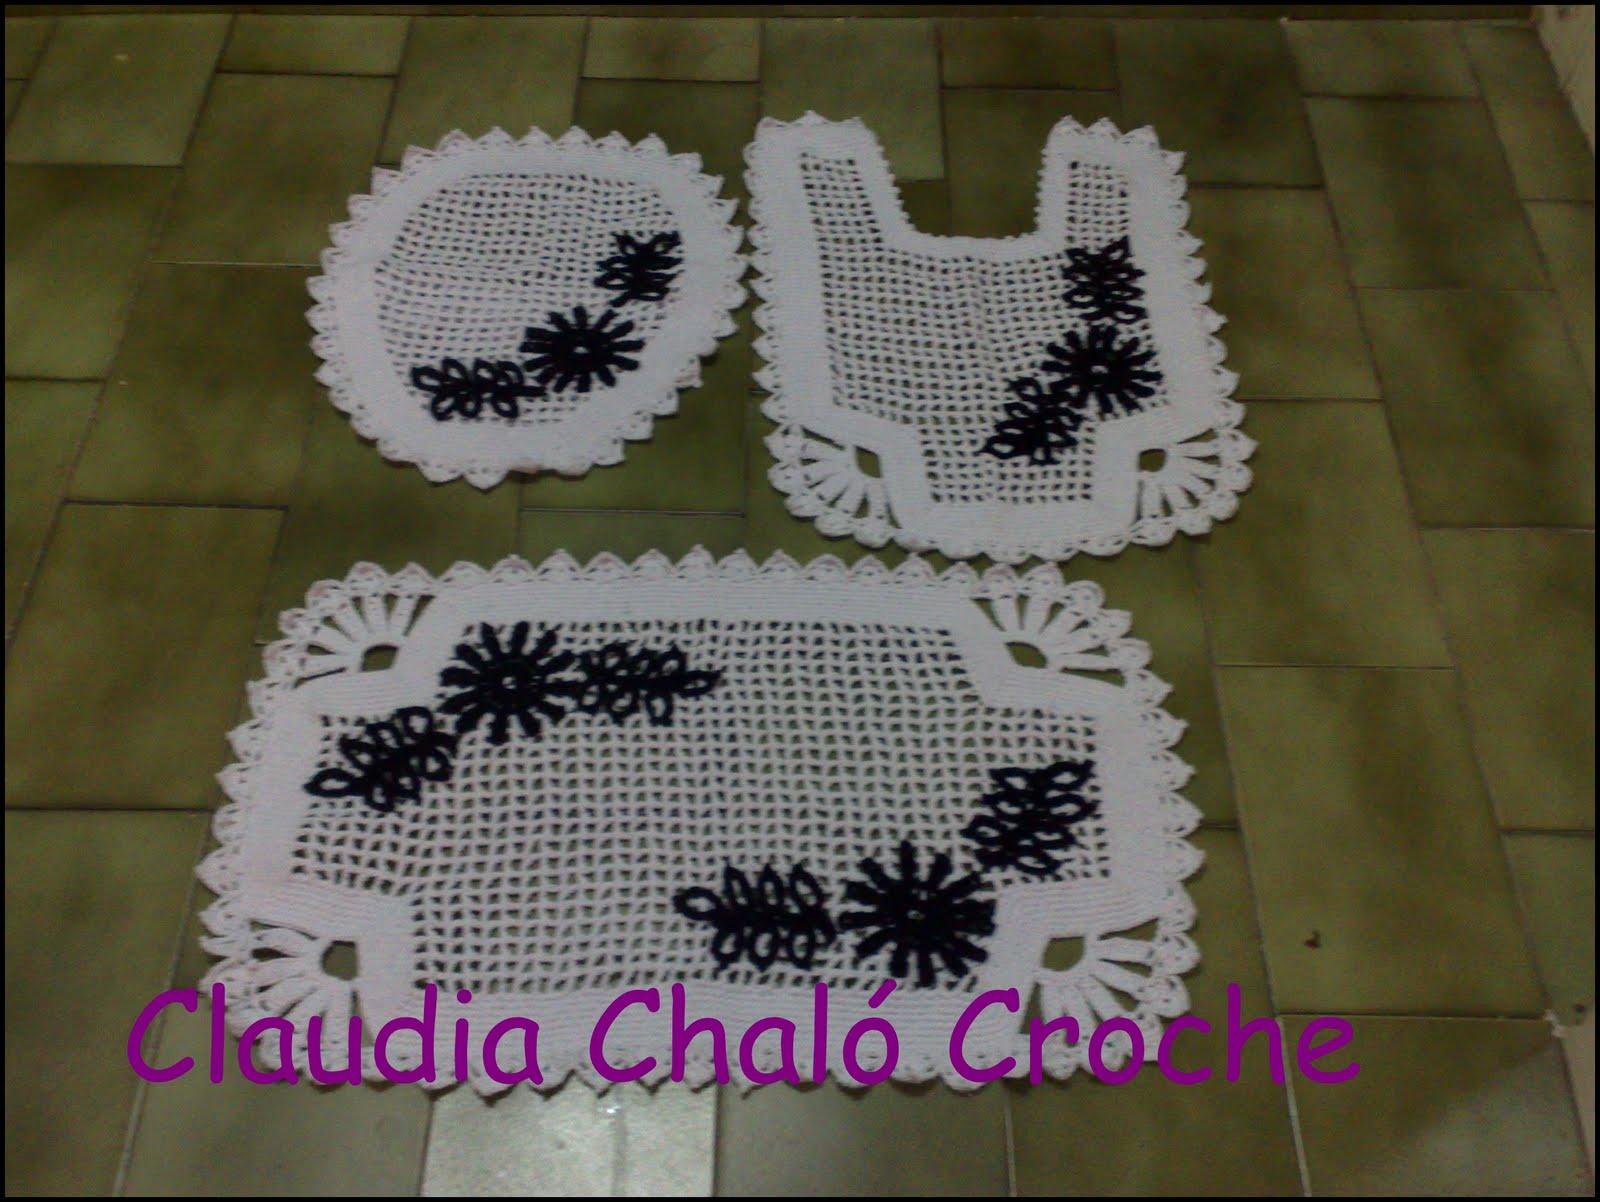 Jogos De Banheiro Em Croche Com Grafico Free Download Android  #7C147A 1600x1202 Banheiro Cor Preto E Branco